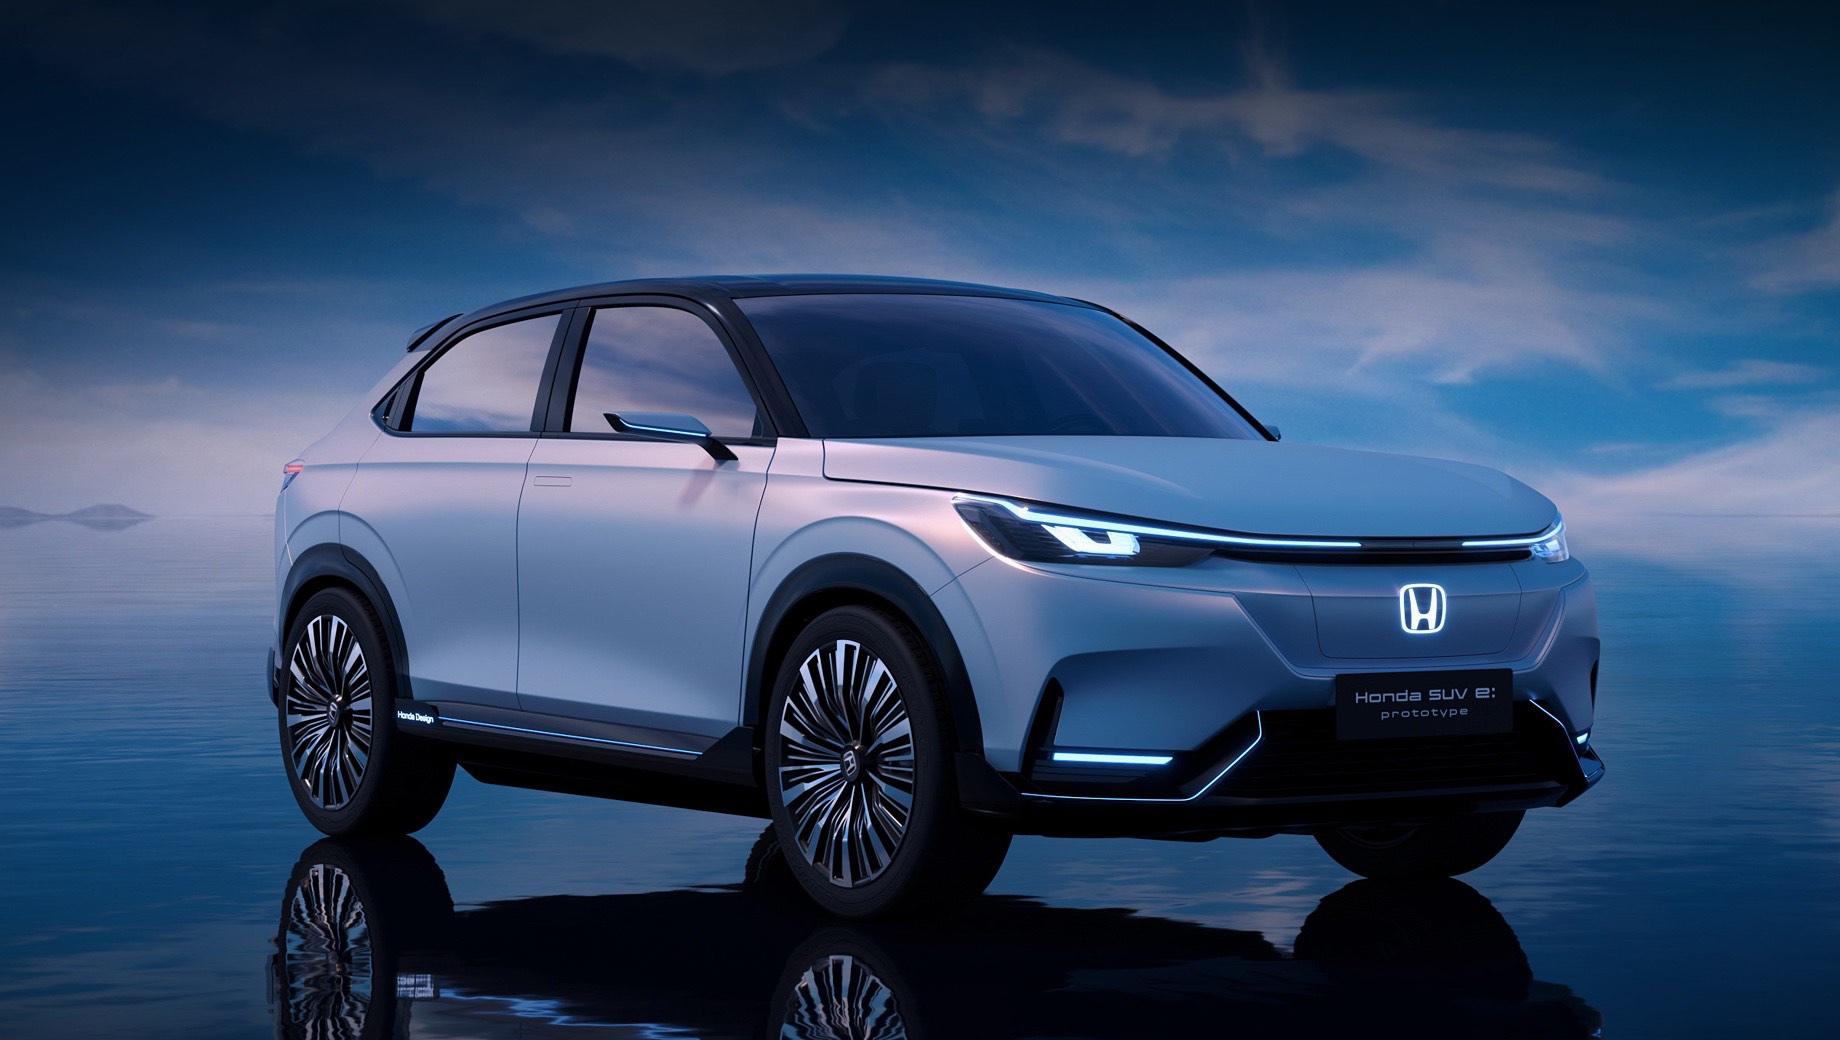 Honda hr-v. Предыстория: осенью 2020-го в Пекине была показана Honda SUV e:concept, в апреле 2021-го на Шанхайском автошоу раскрылась Honda SUV e:prototype (на картинке). Текущие M-NV и VE-1 развивают 120 кВт (163 л.с., 280 Н•м), батарея ёмкостью 61,3 кВт•ч обеспечивает 470–480 км (NEDC).